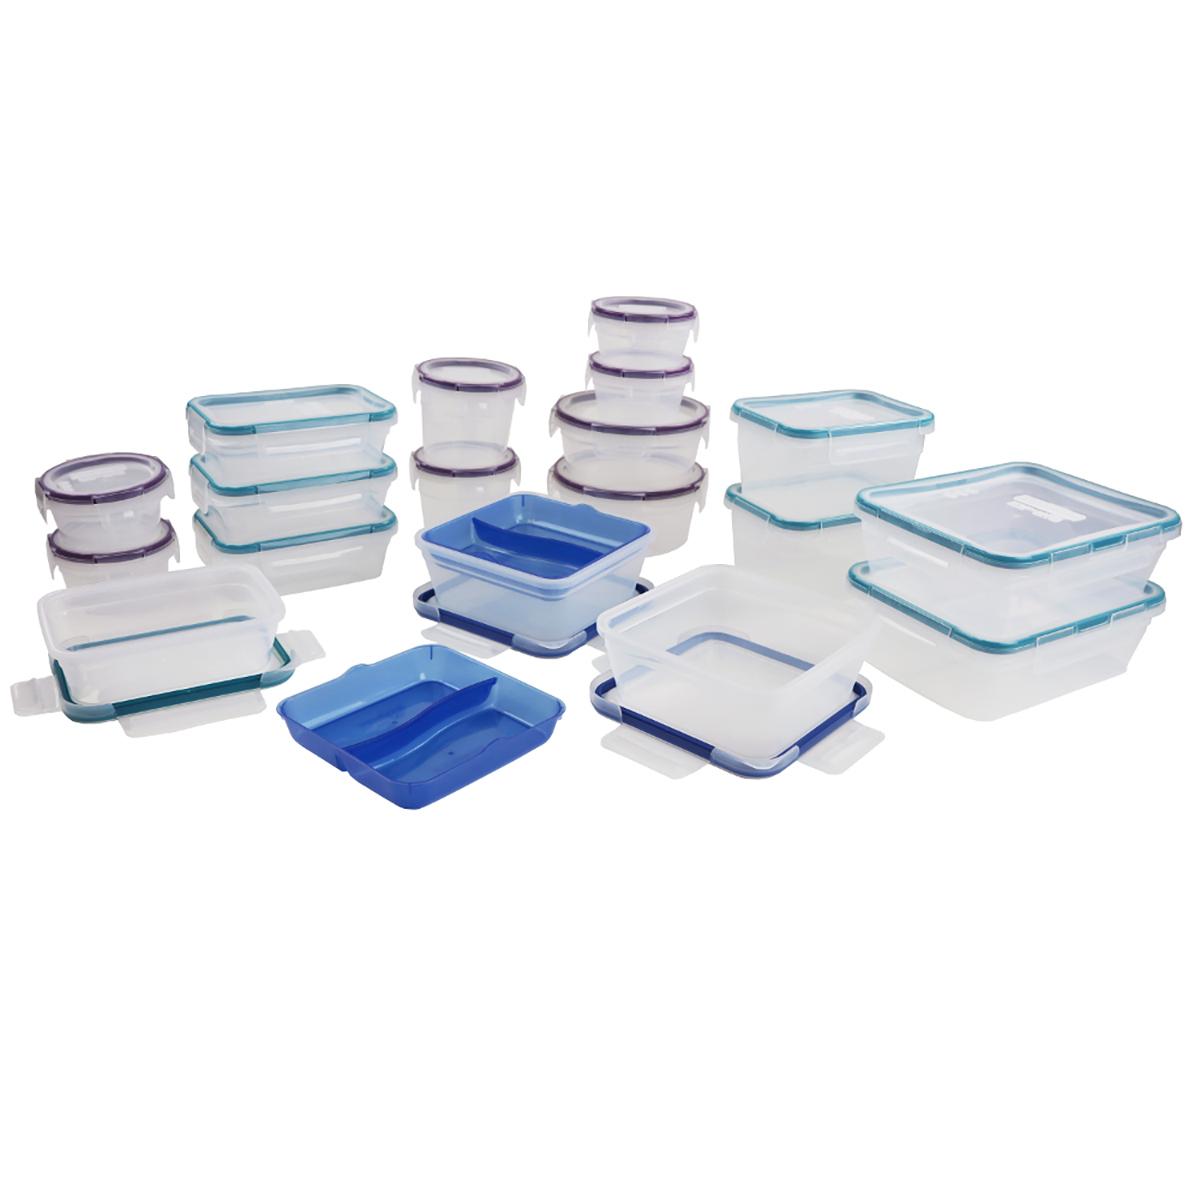 Costco. Snapware, juego de recipientes de plástico de 38 piezas.